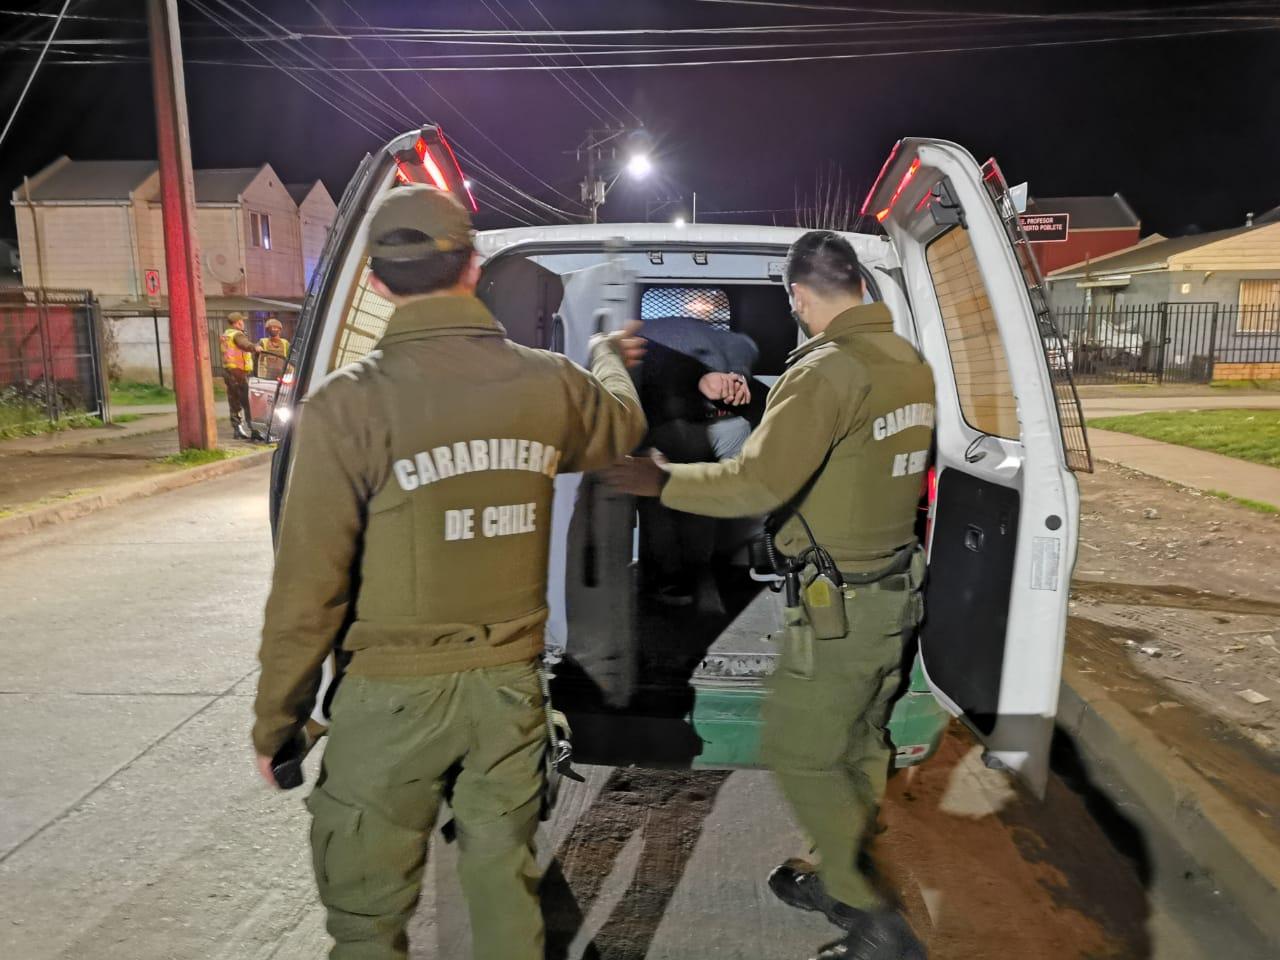 22 detenidos por incumplir toque de queda en provincia de Bío Bío